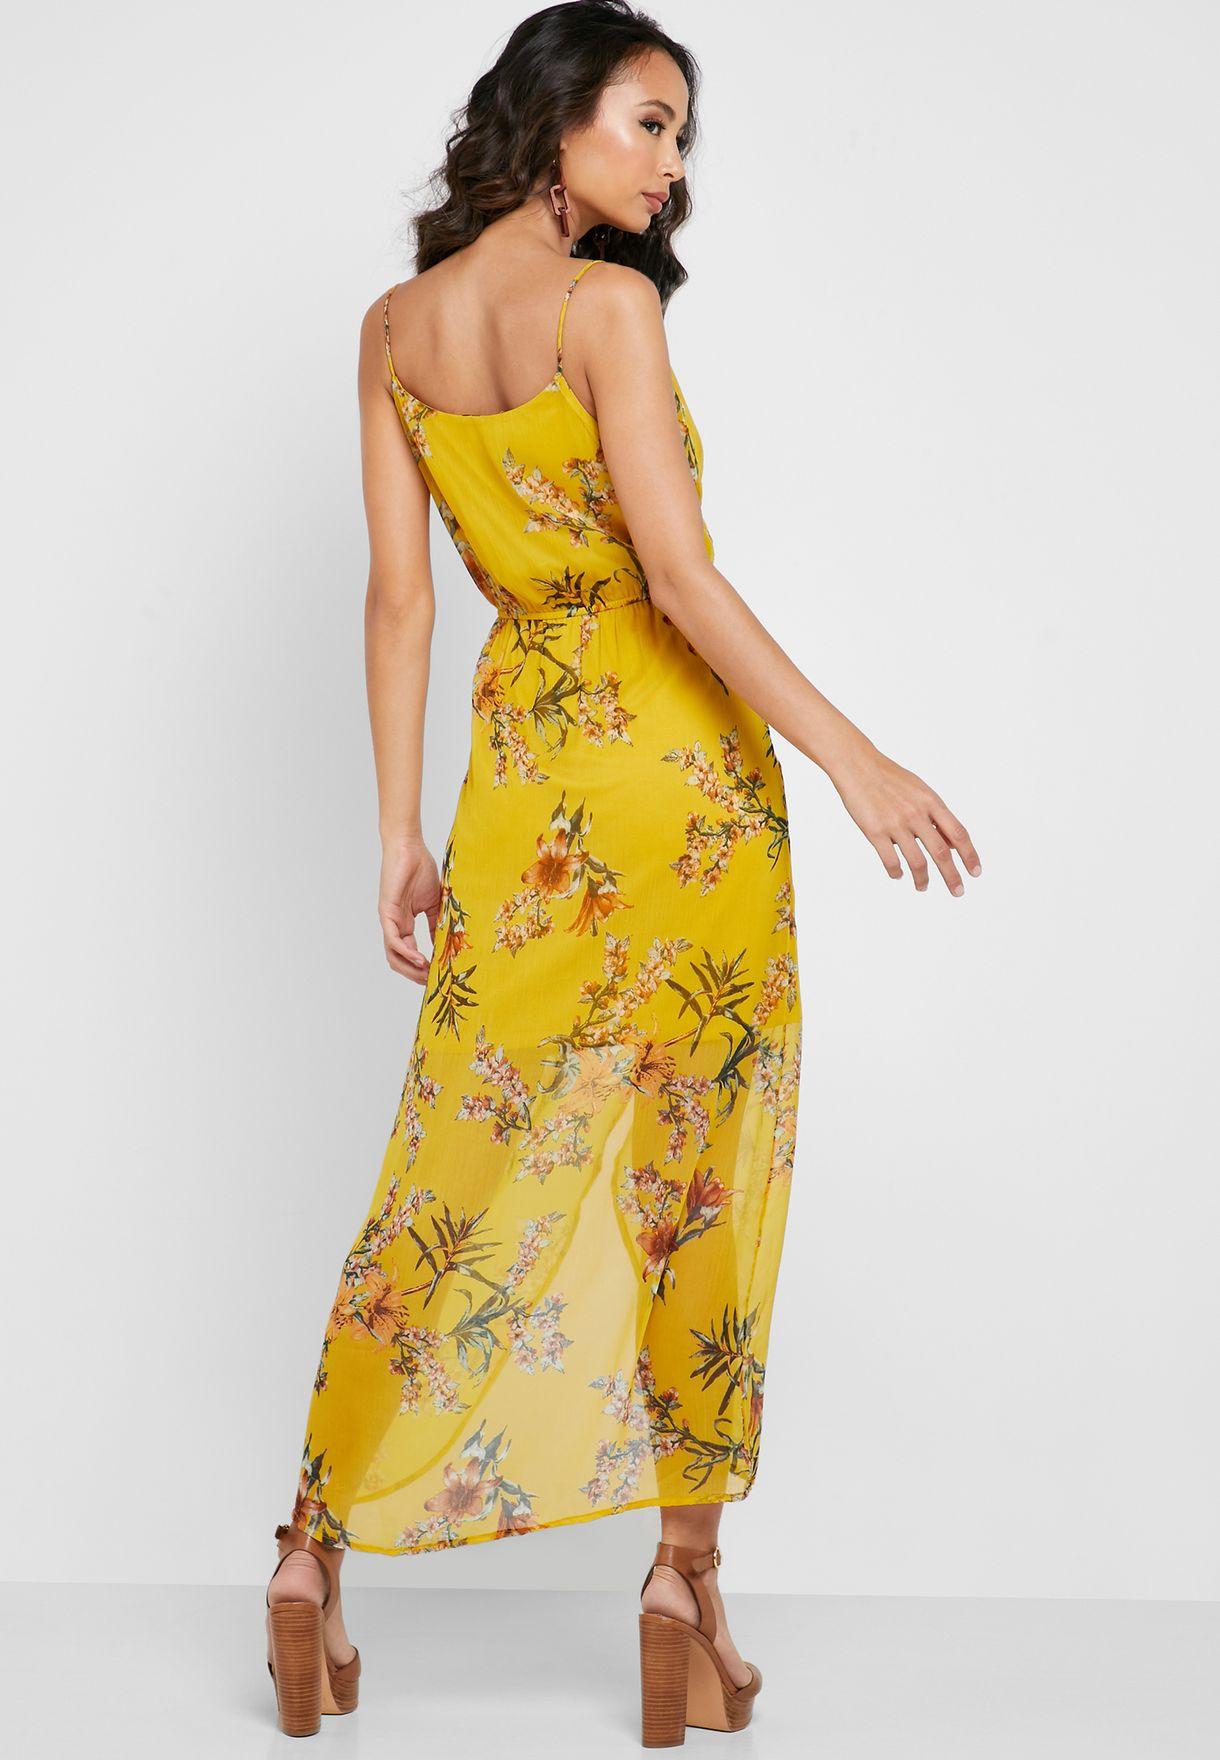 فستان بتصميم ملفوف وطبعات ازهار